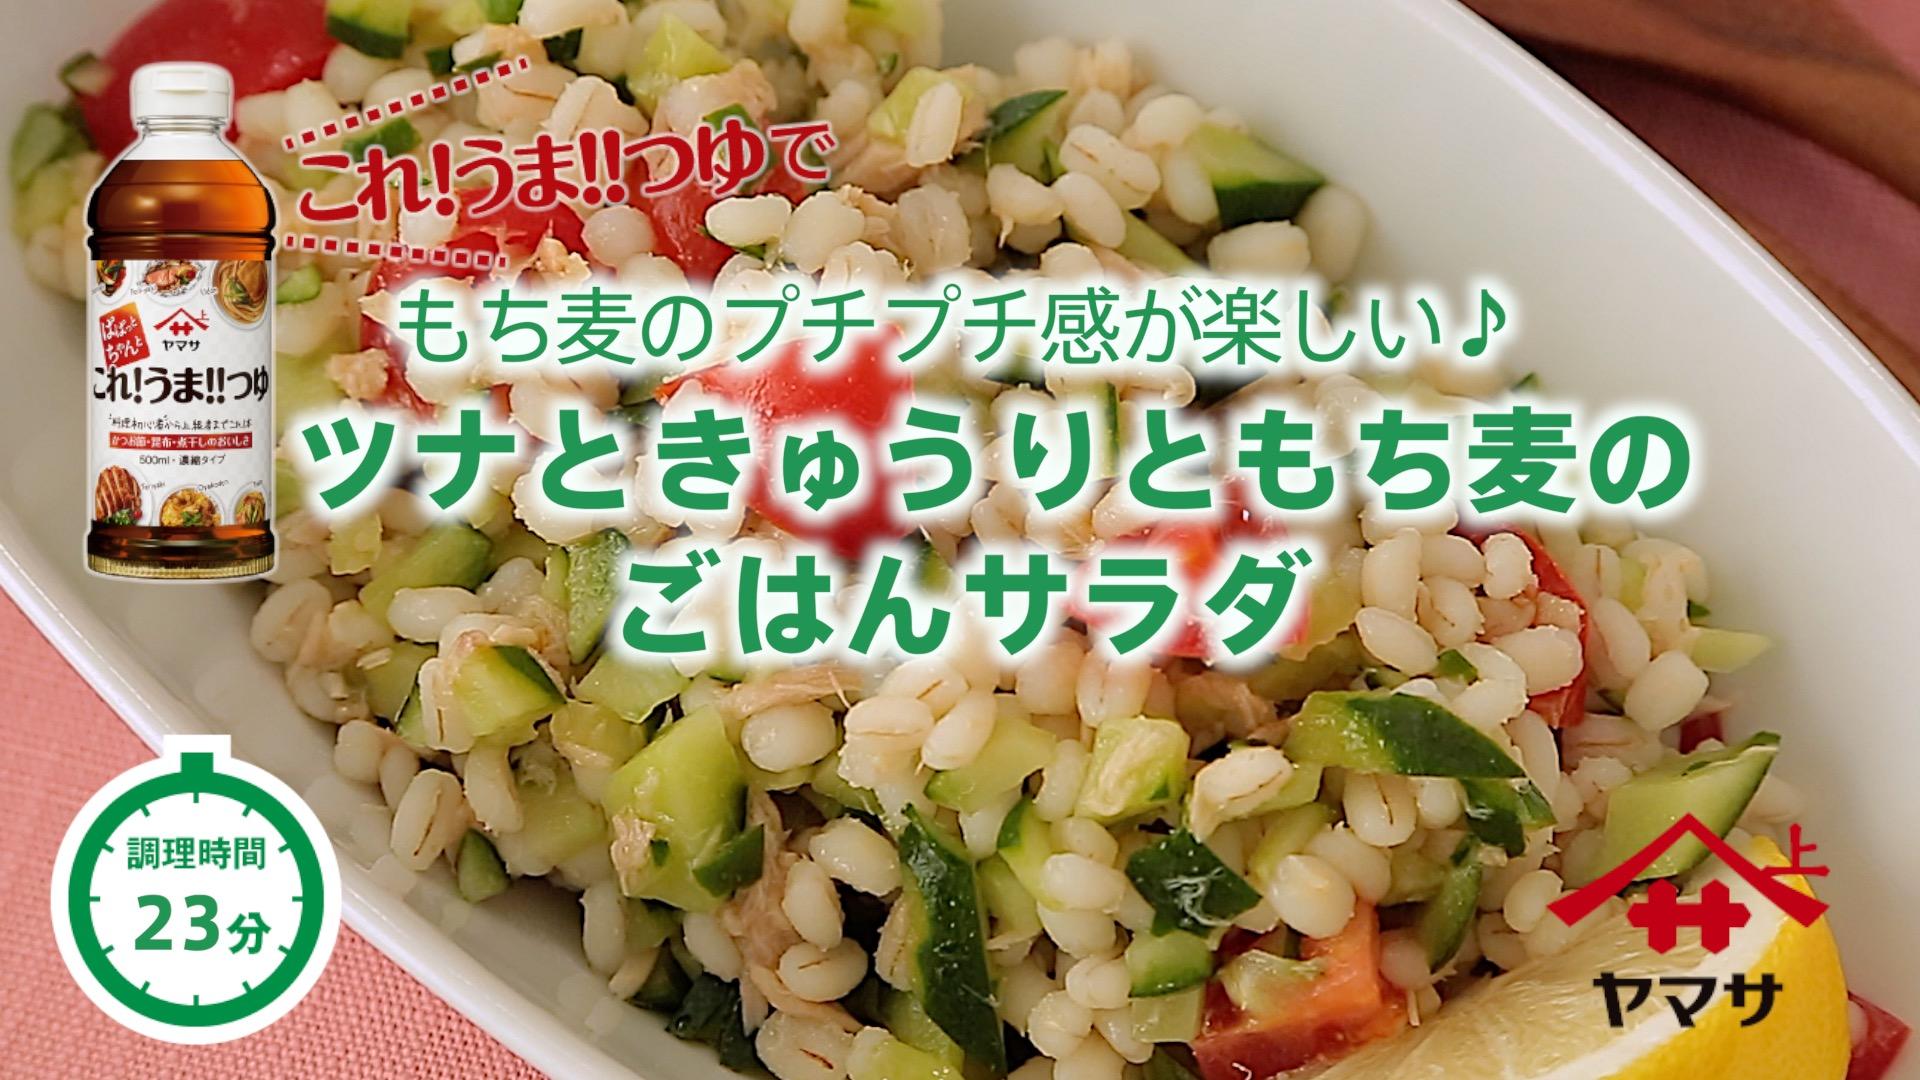 ツナときゅうりともち麦のごはんサラダ